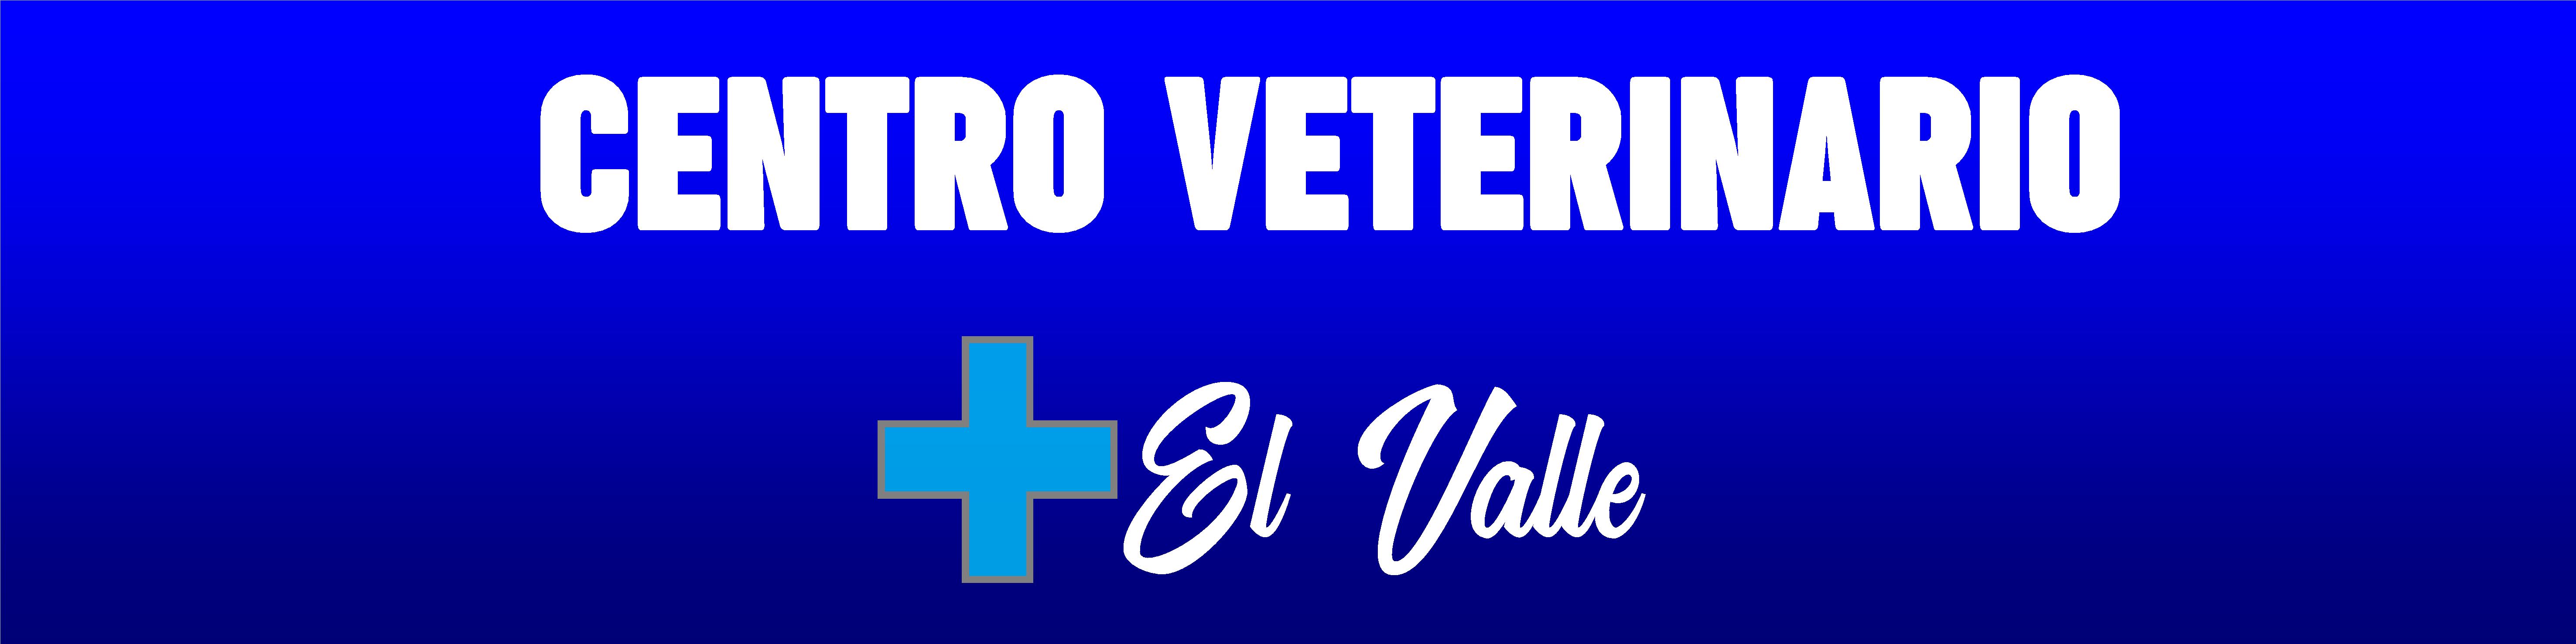 El Valle Centro Veterinario